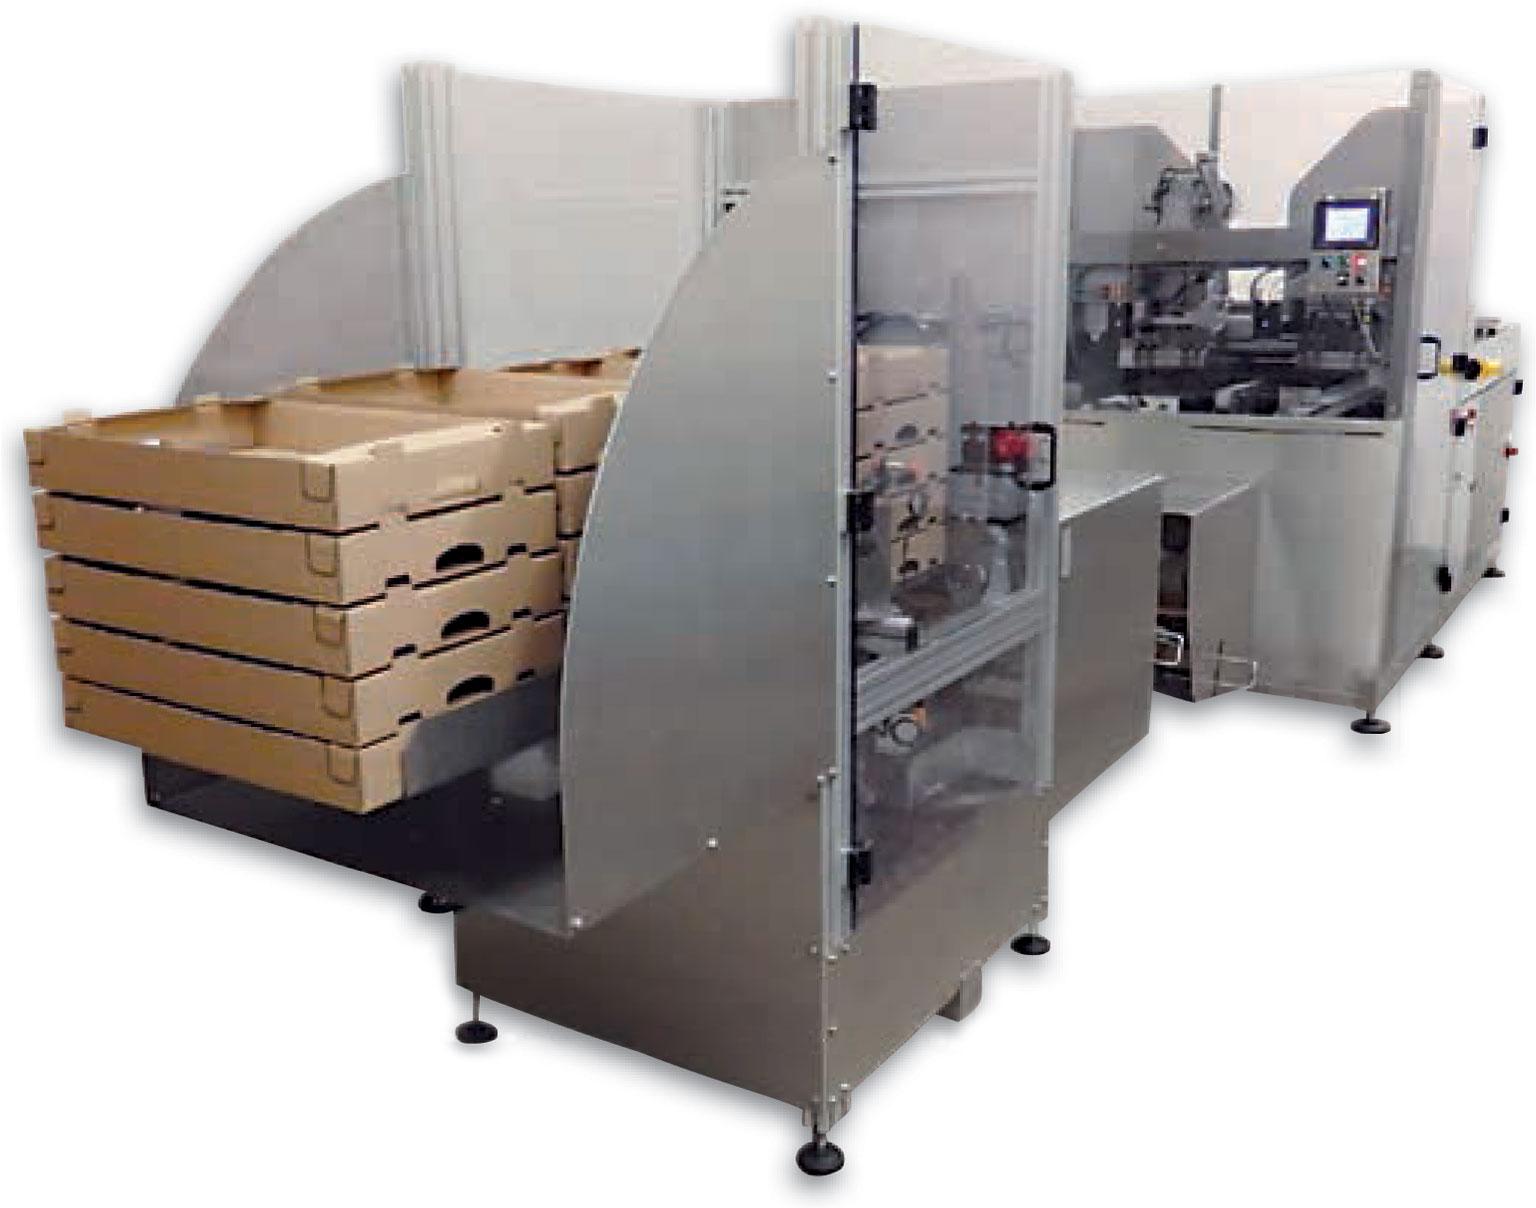 Formeuse carton - Barquetteuse carton: MIBOX fabricant Français